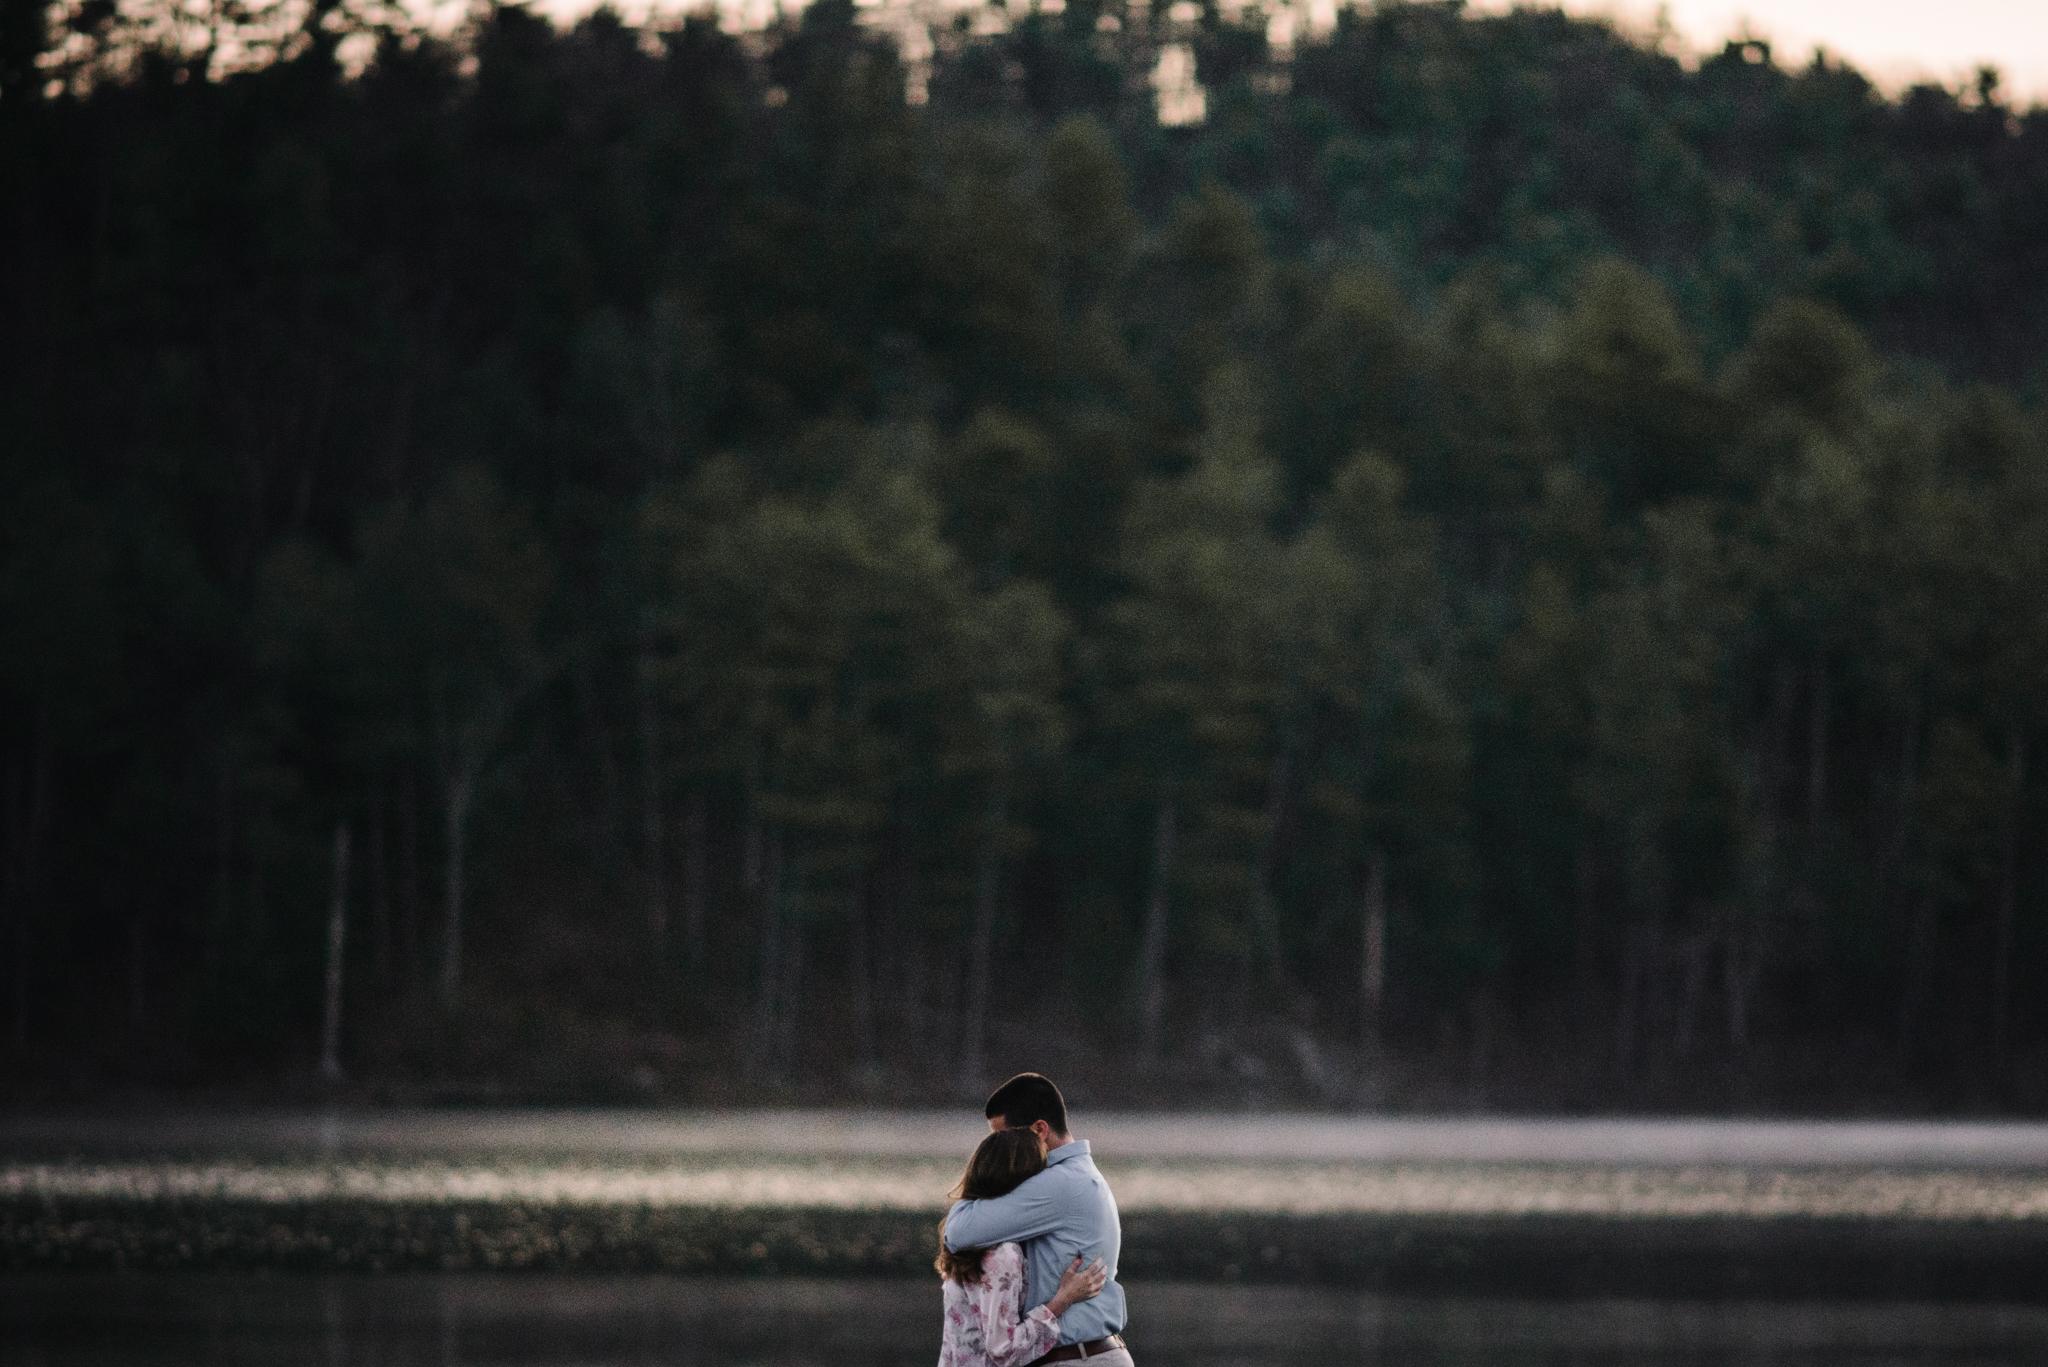 Sunrise Lake Engagement Photos - Early Morning - Couple Photo Shoot - White Sails Adventure Photography_0.JPG